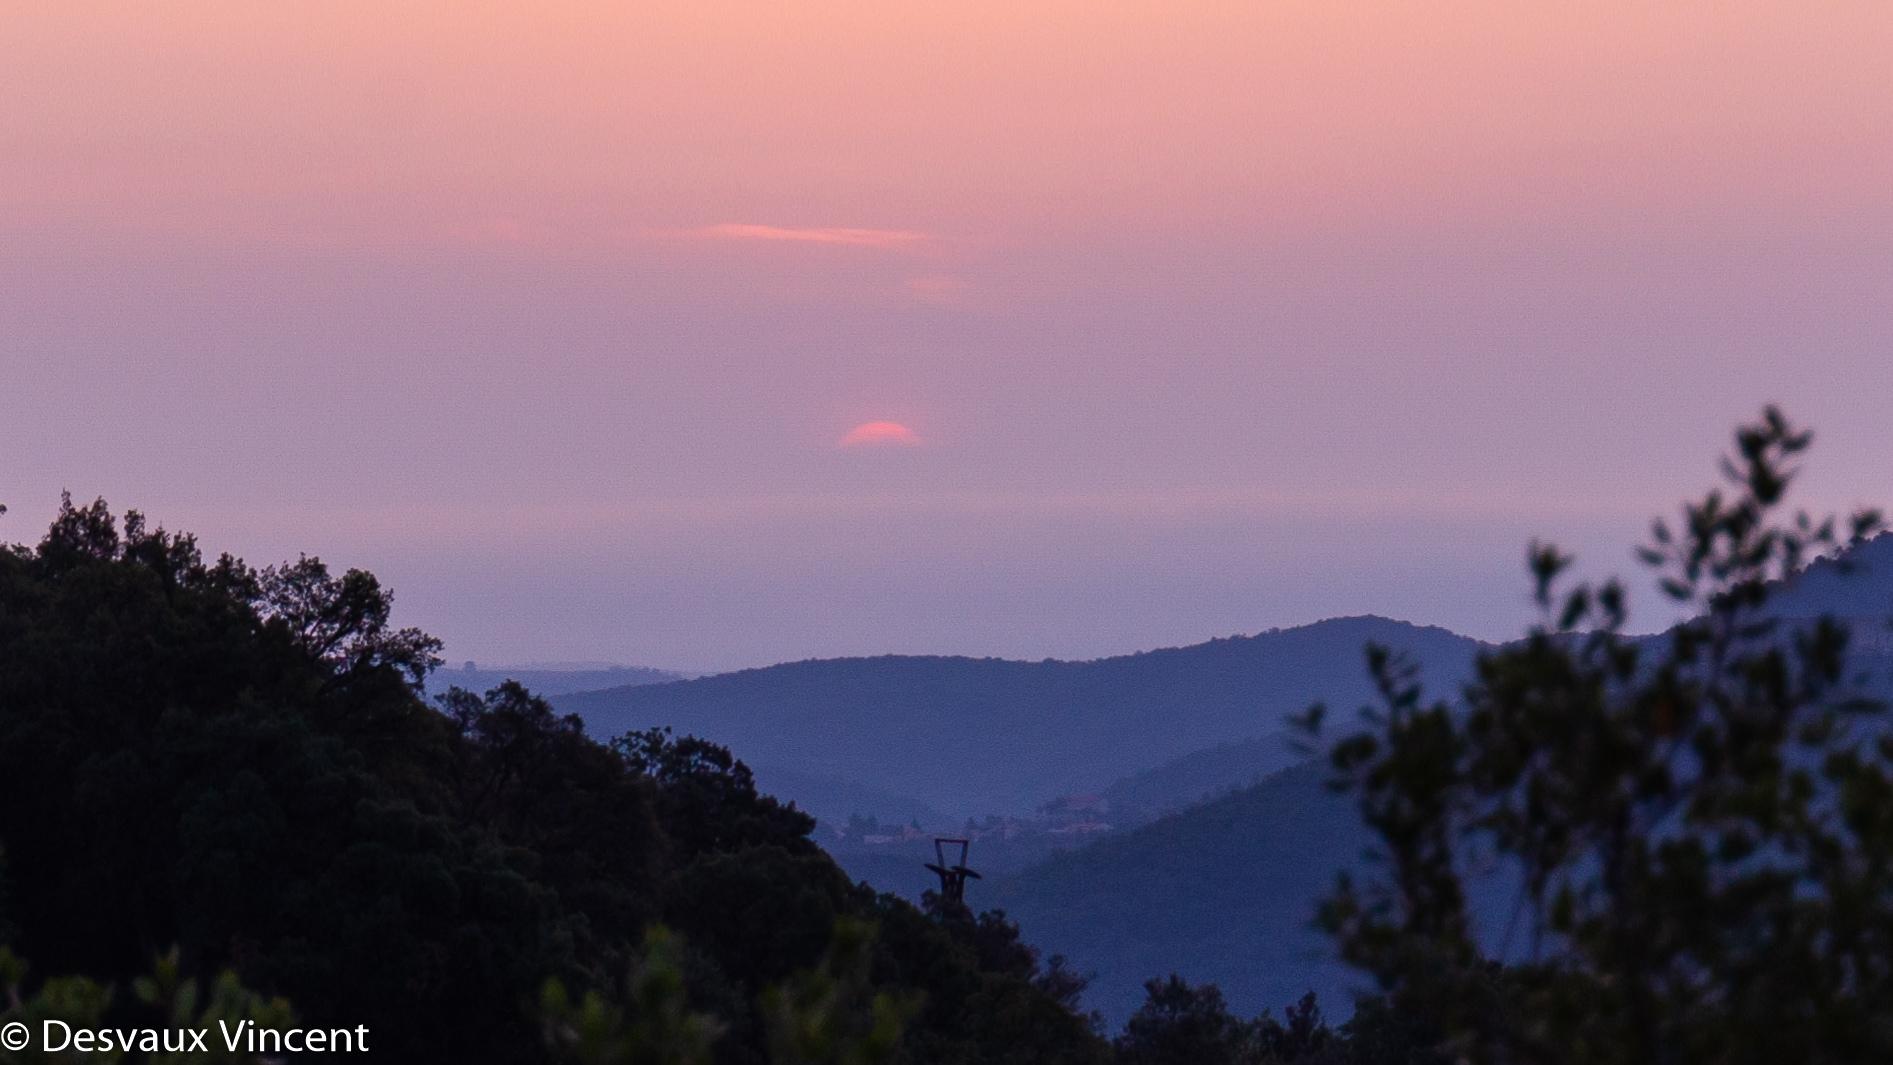 lever de soleil sur la vallée au dessus du poteau de telepherique depuis pin parasol-5903.jpg